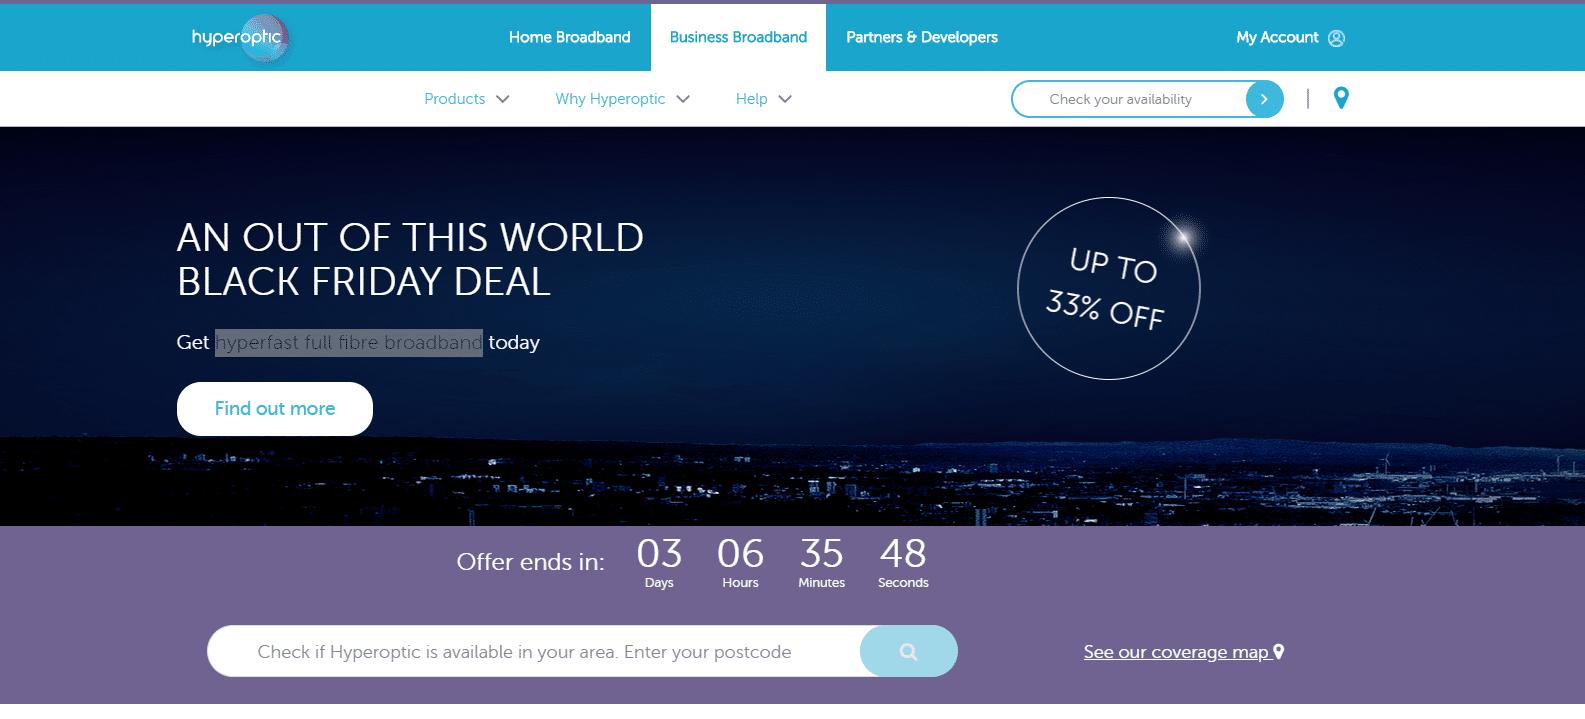 hyperoptic.com 33% off discount code